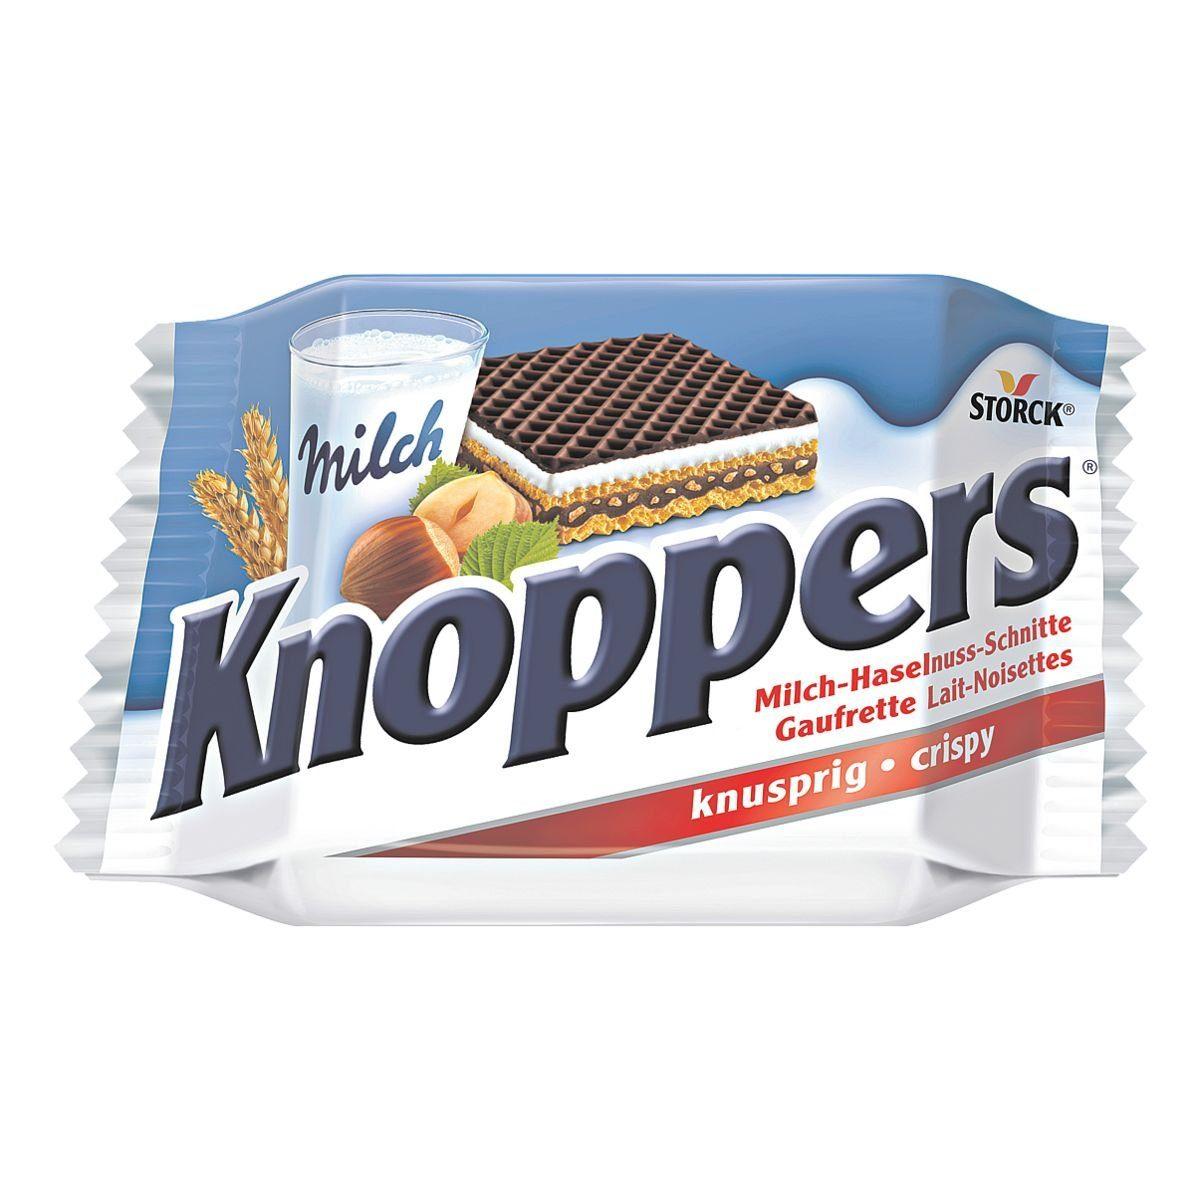 STORCK Schokogebäck »Knoppers«